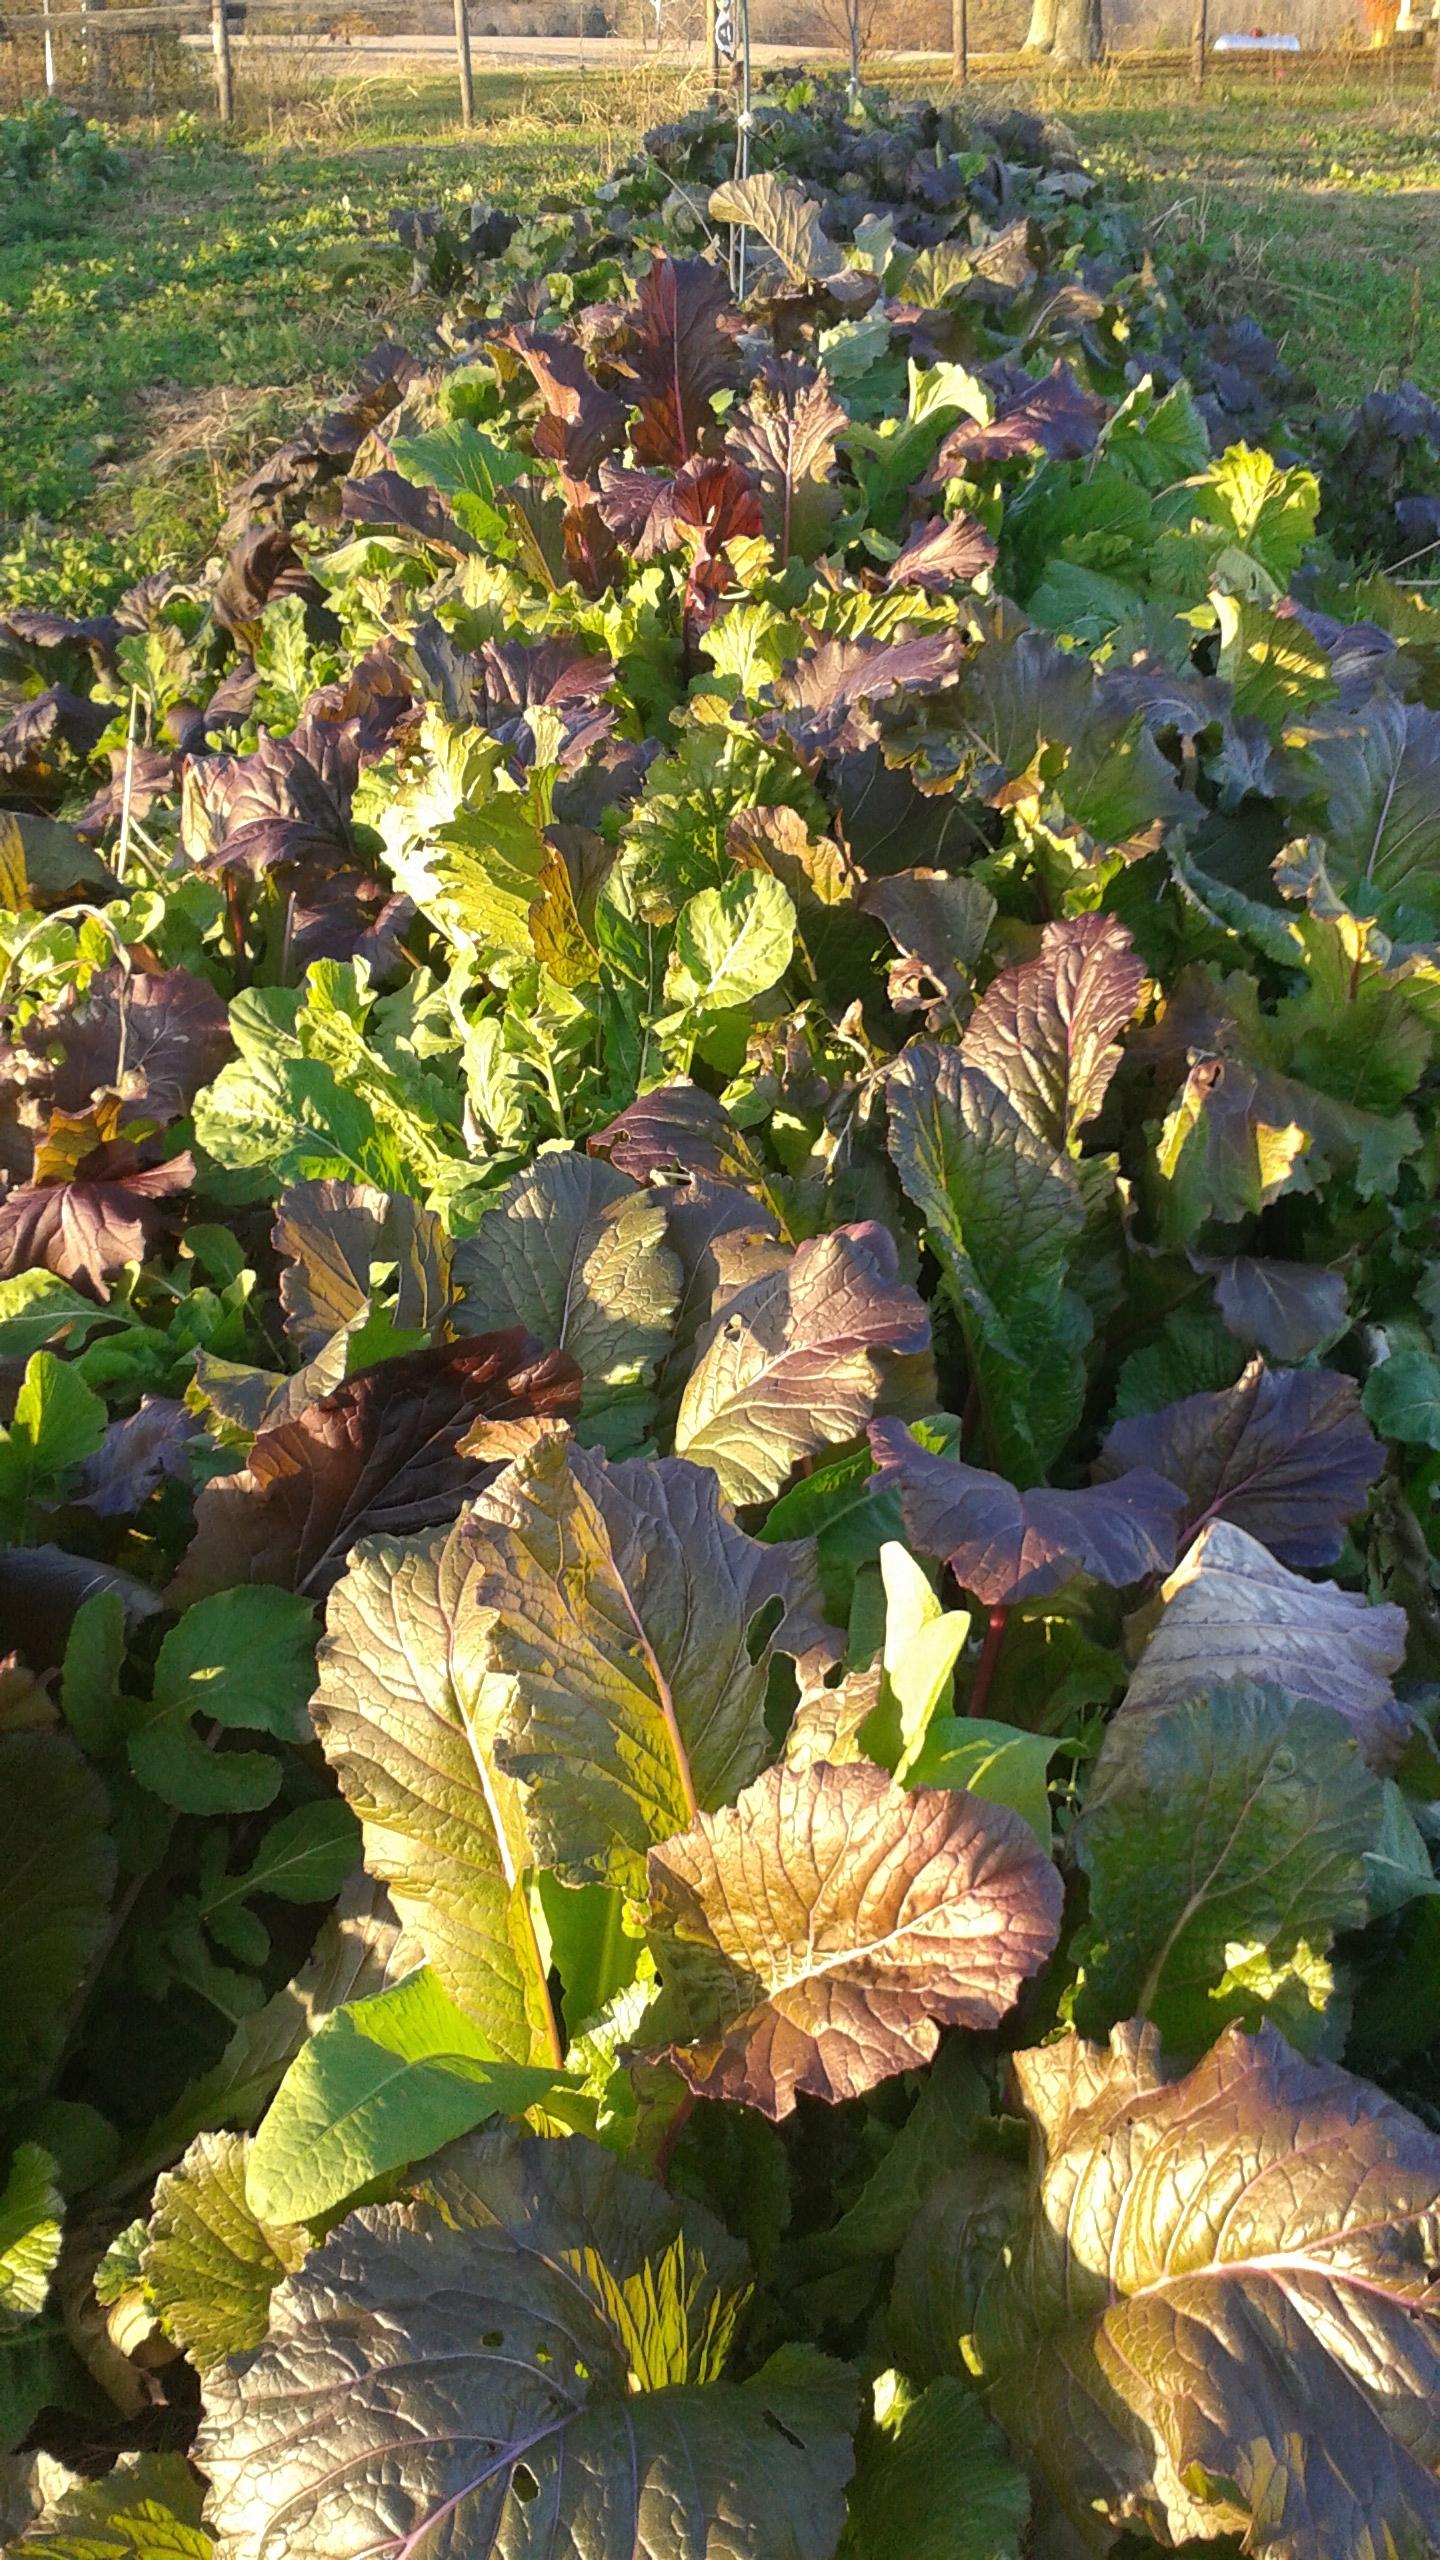 Garden greens in their first season in a client's garden.